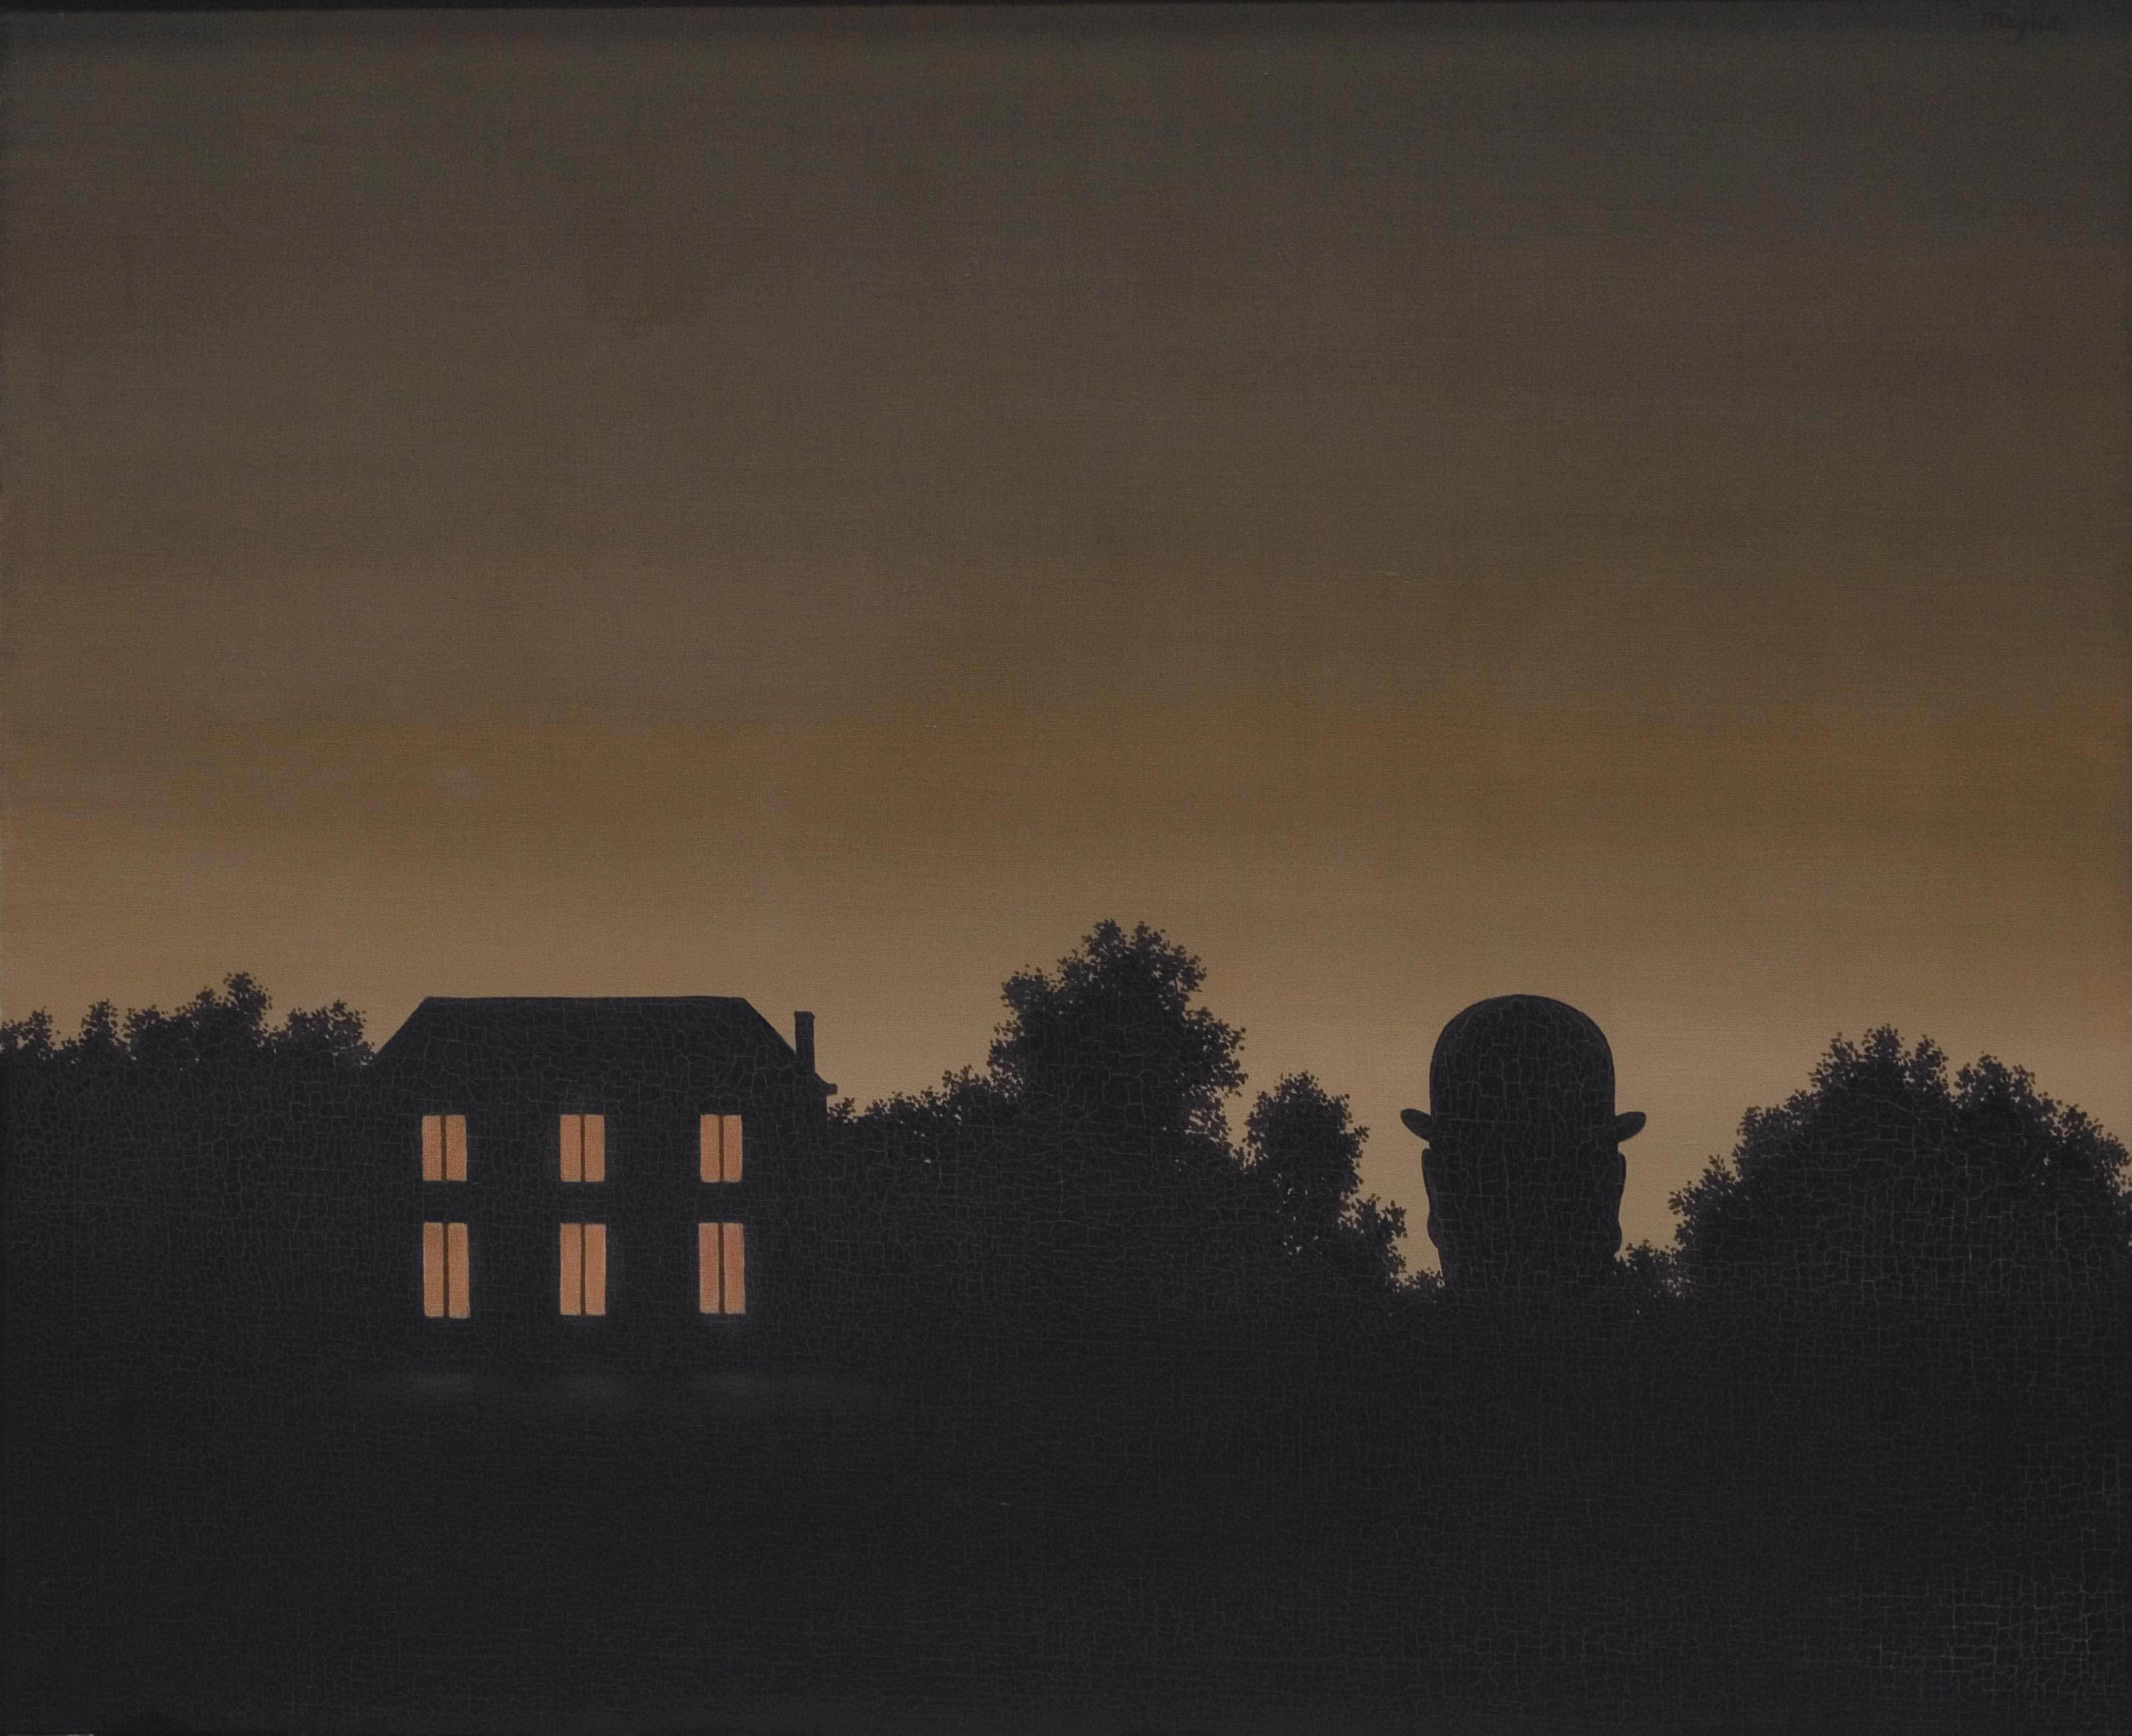 Audio: Rene Magritte, La fin du monde